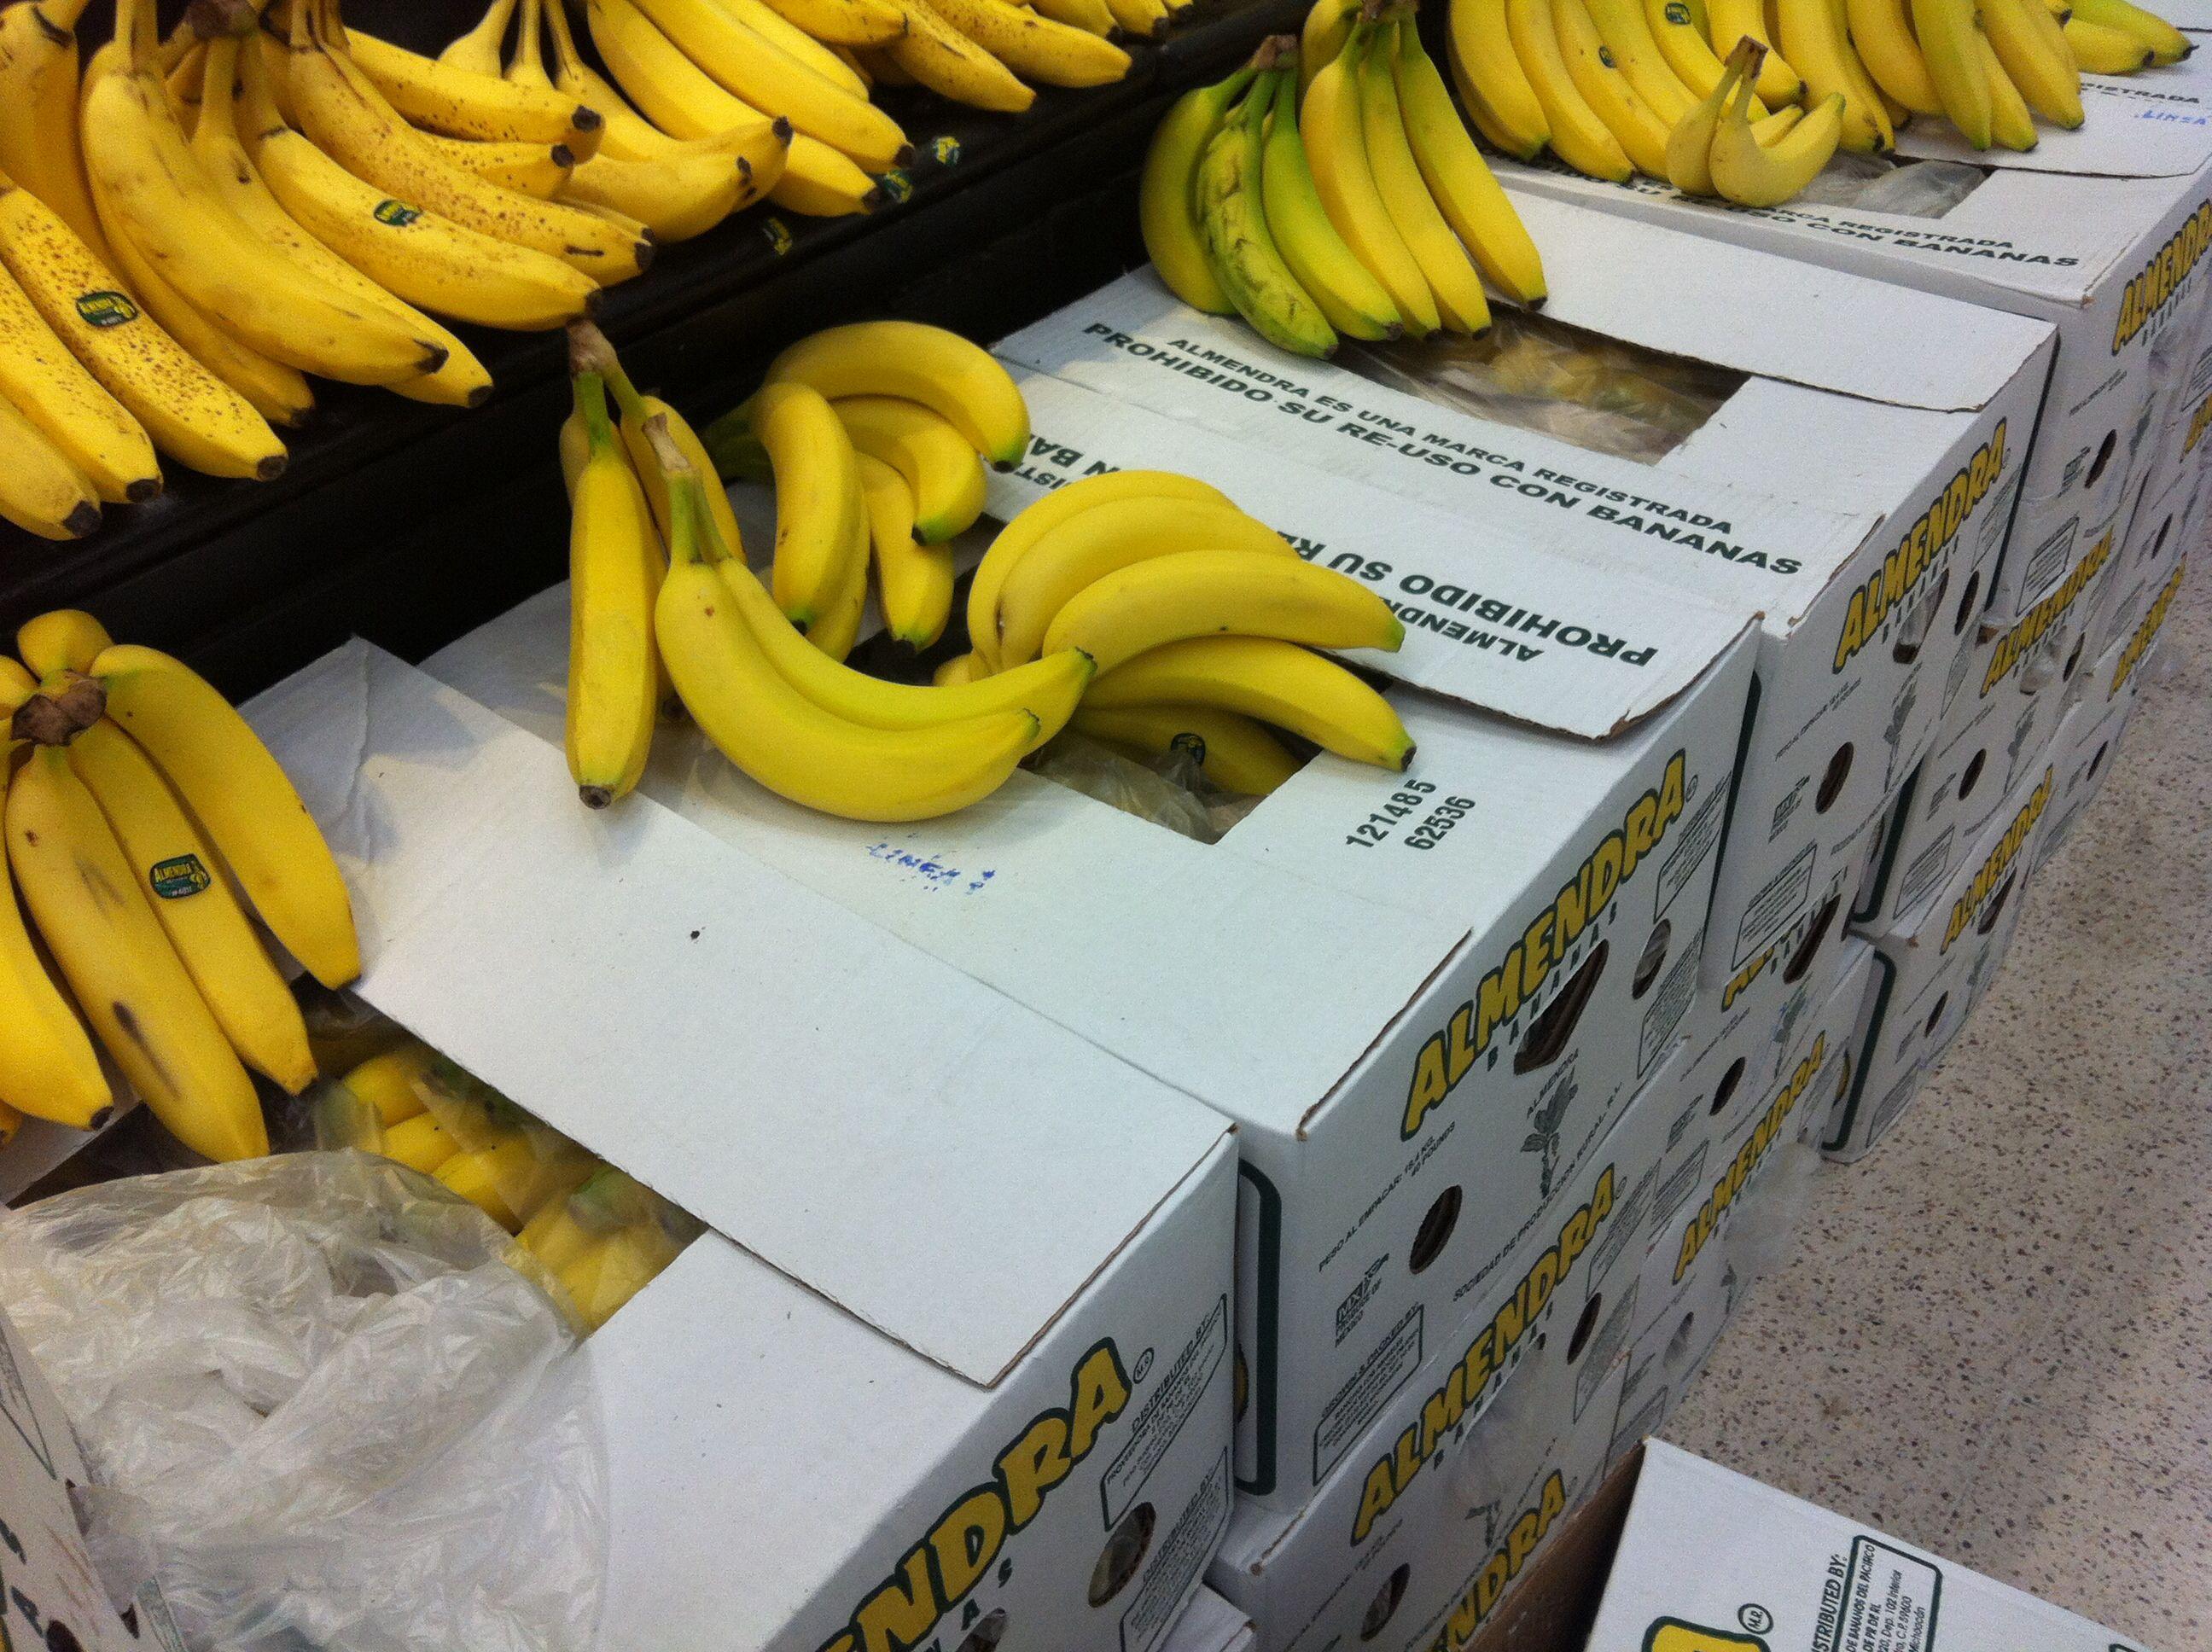 bananas box industrial packaging banana packaging bananas box industrial packaging